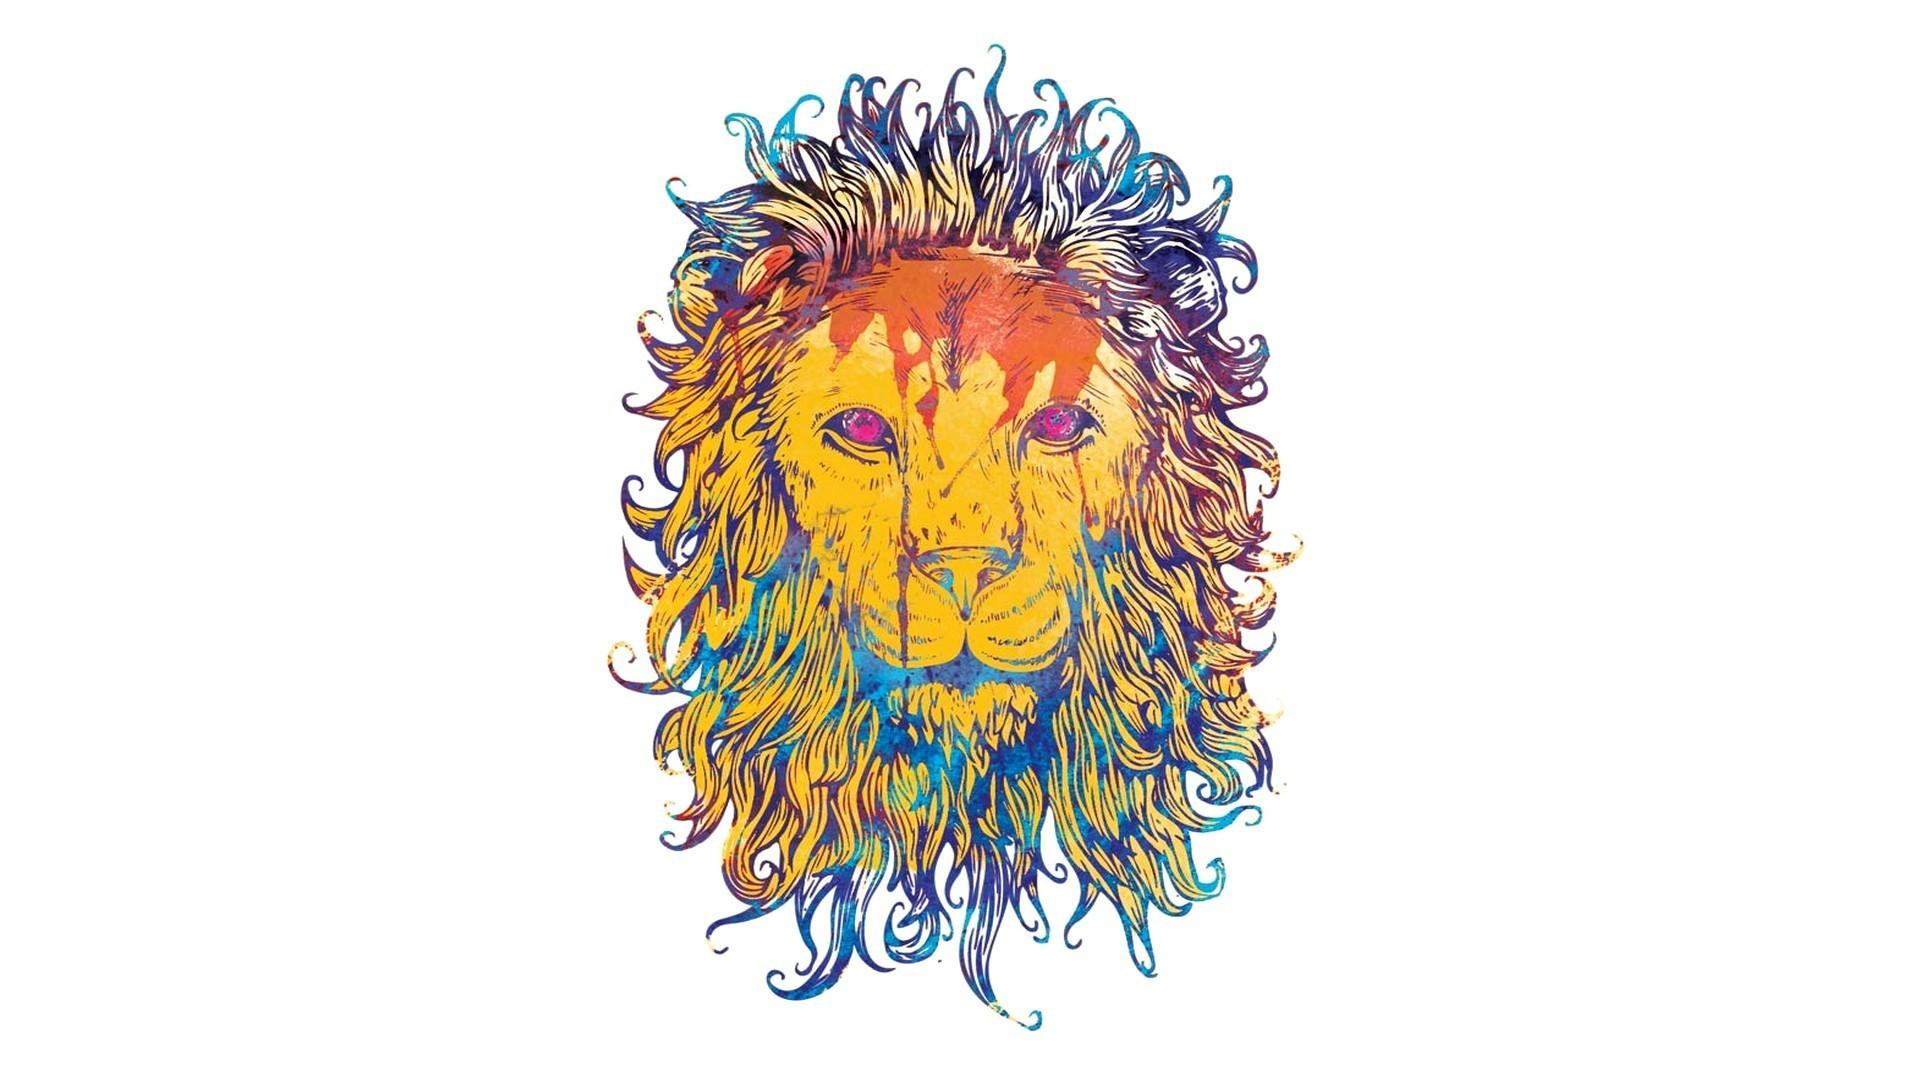 Fond d 39 cran lion dessin color roi des b tes - Dessin colore ...